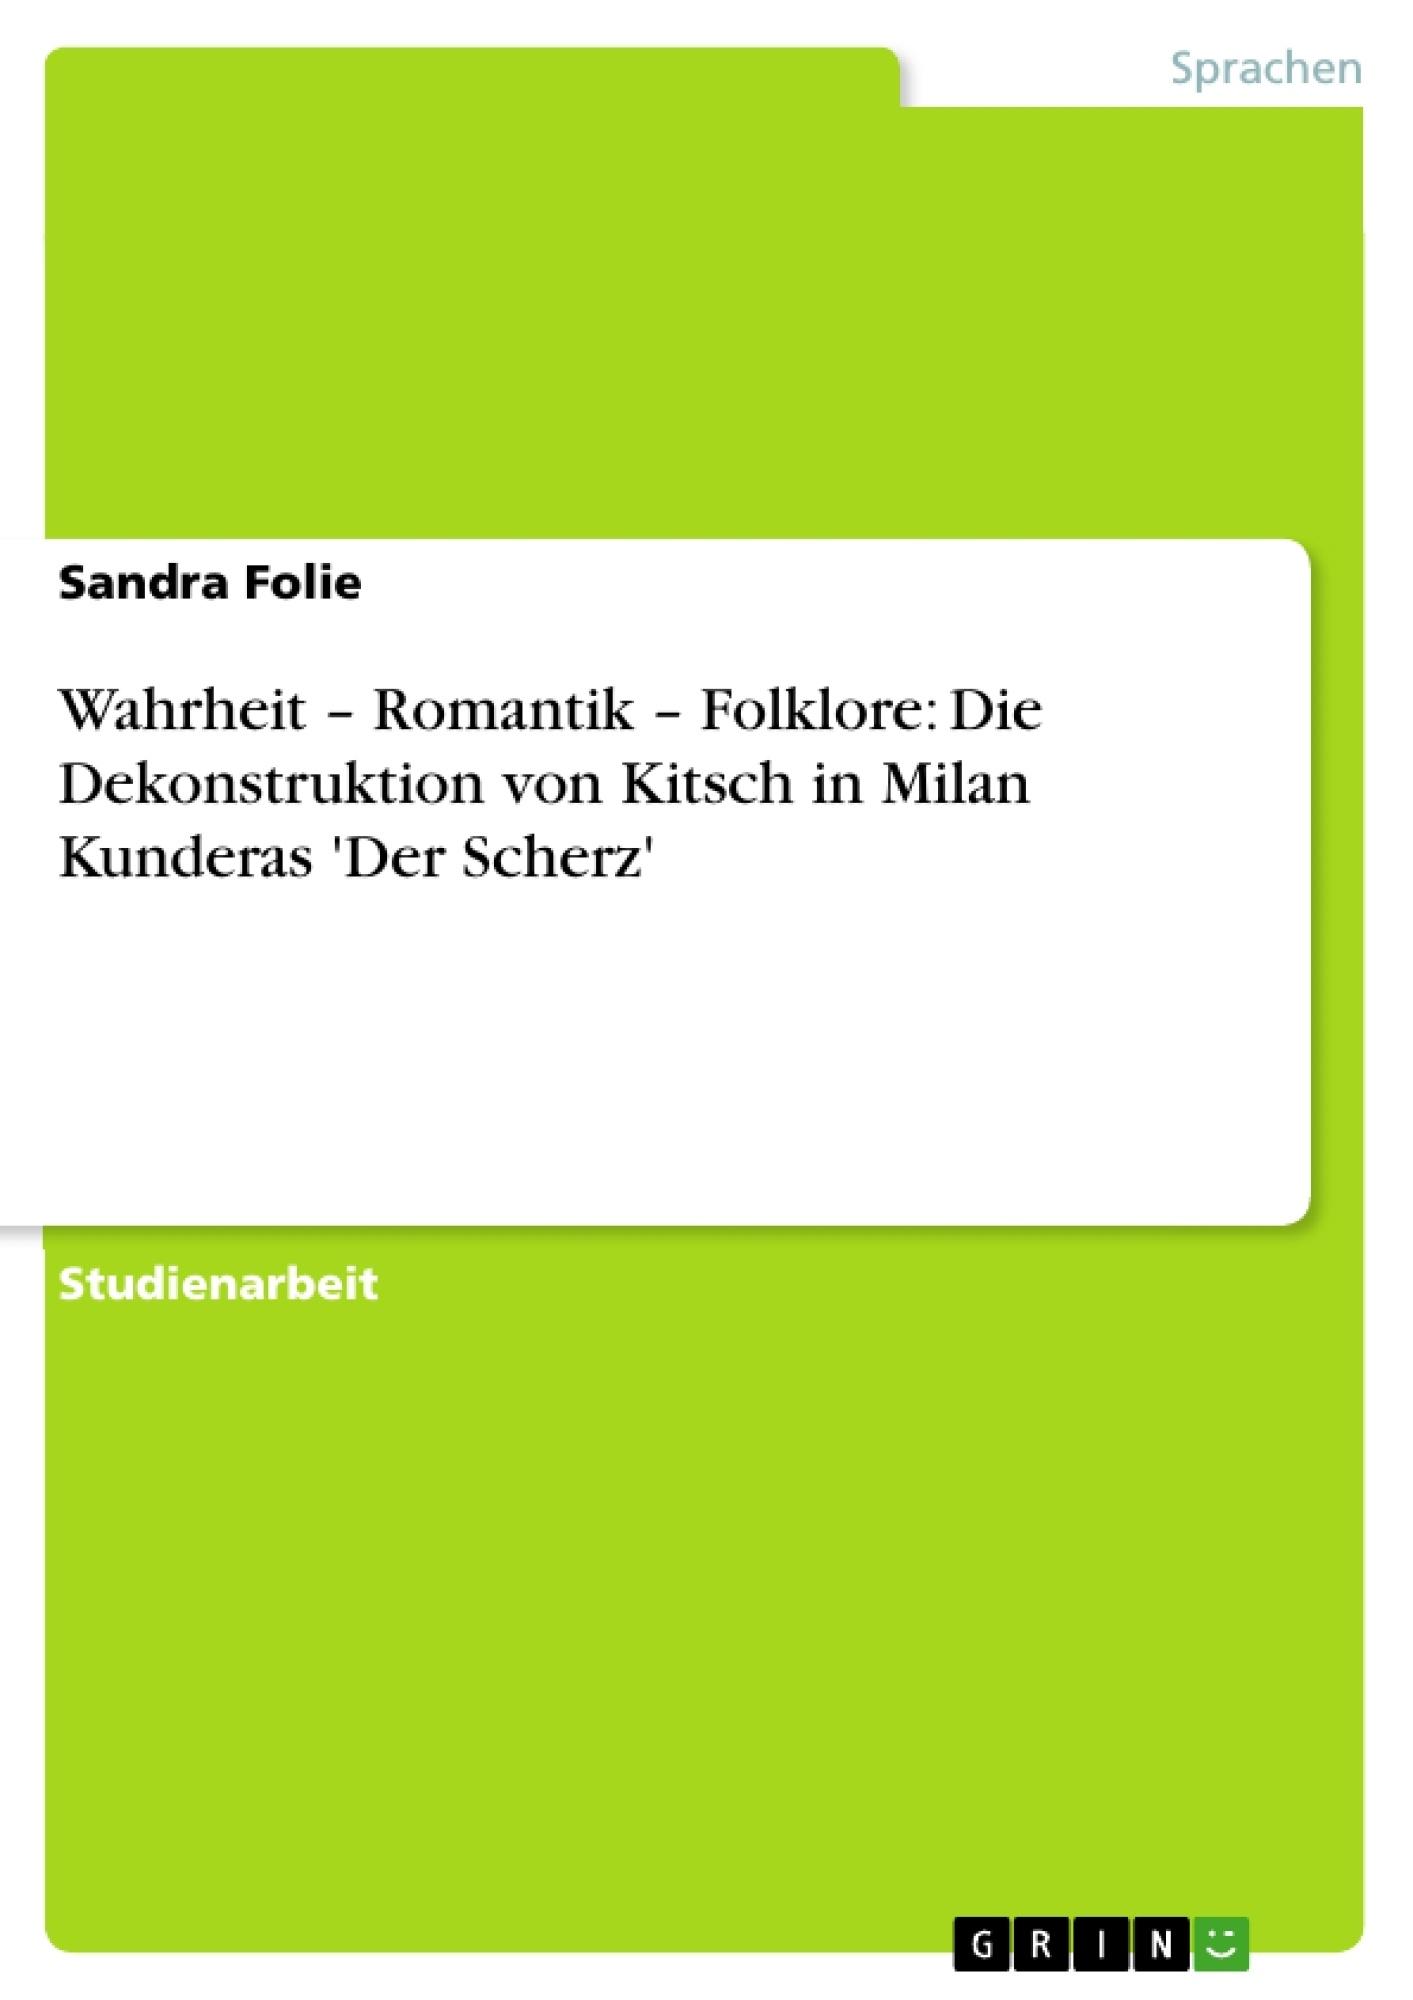 Titel: Wahrheit – Romantik – Folklore: Die Dekonstruktion von Kitsch in Milan Kunderas 'Der Scherz'